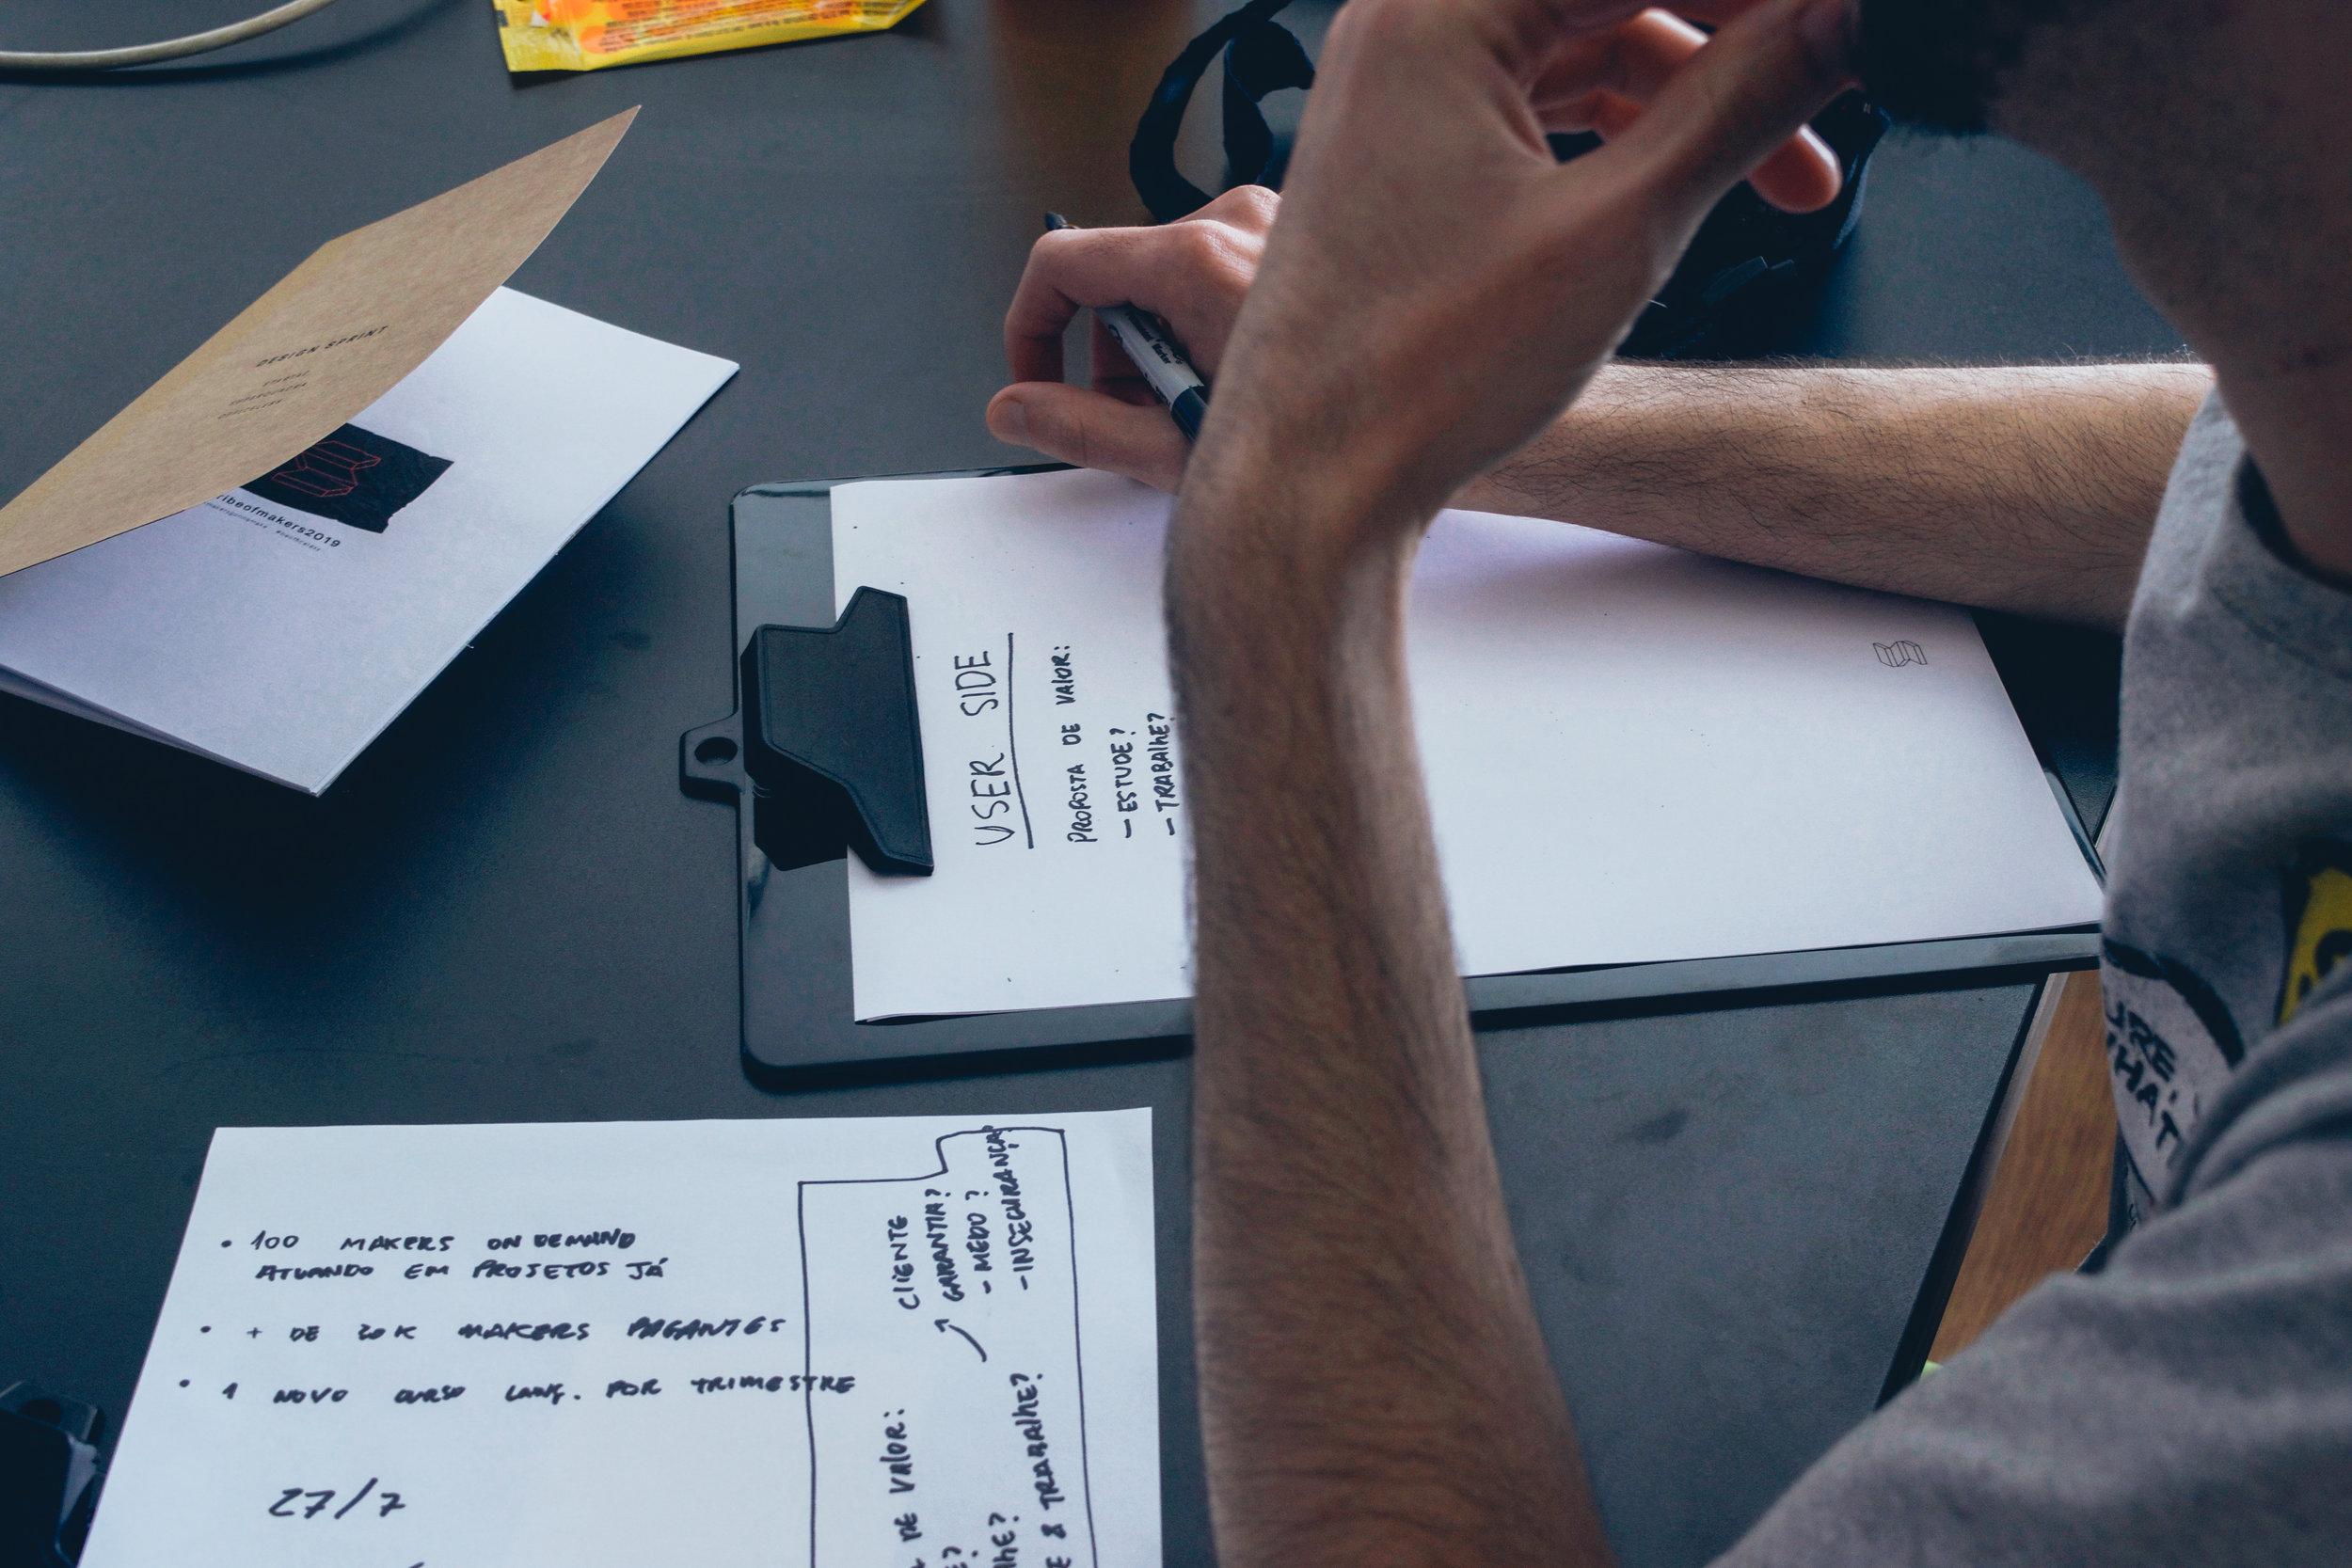 الإسبوع الثاني: - اليوم الأول: التعرف على مفهوم بناء معرض الأعمال كدراسات حالة وكيفية بناؤها.اليوم الثاني: التعرف على إستراتيجيات التسعير وكيف تختار الإستراتيجية المناسبة لك.اليوم الثالث: إستراتيجيات التعامل مع العملاء (العميل المستعجل، العميل الغاضب ..الخ)اليوم الرابع: أساسيات بناء علامة تجارية لمشروعك، وكيف تحصل على أول أعمالك كمصمم.اليوم الخامس:ملخص الكورس وكيف يمكنك إكمال رحلتك في بناء معرض أعمالك.